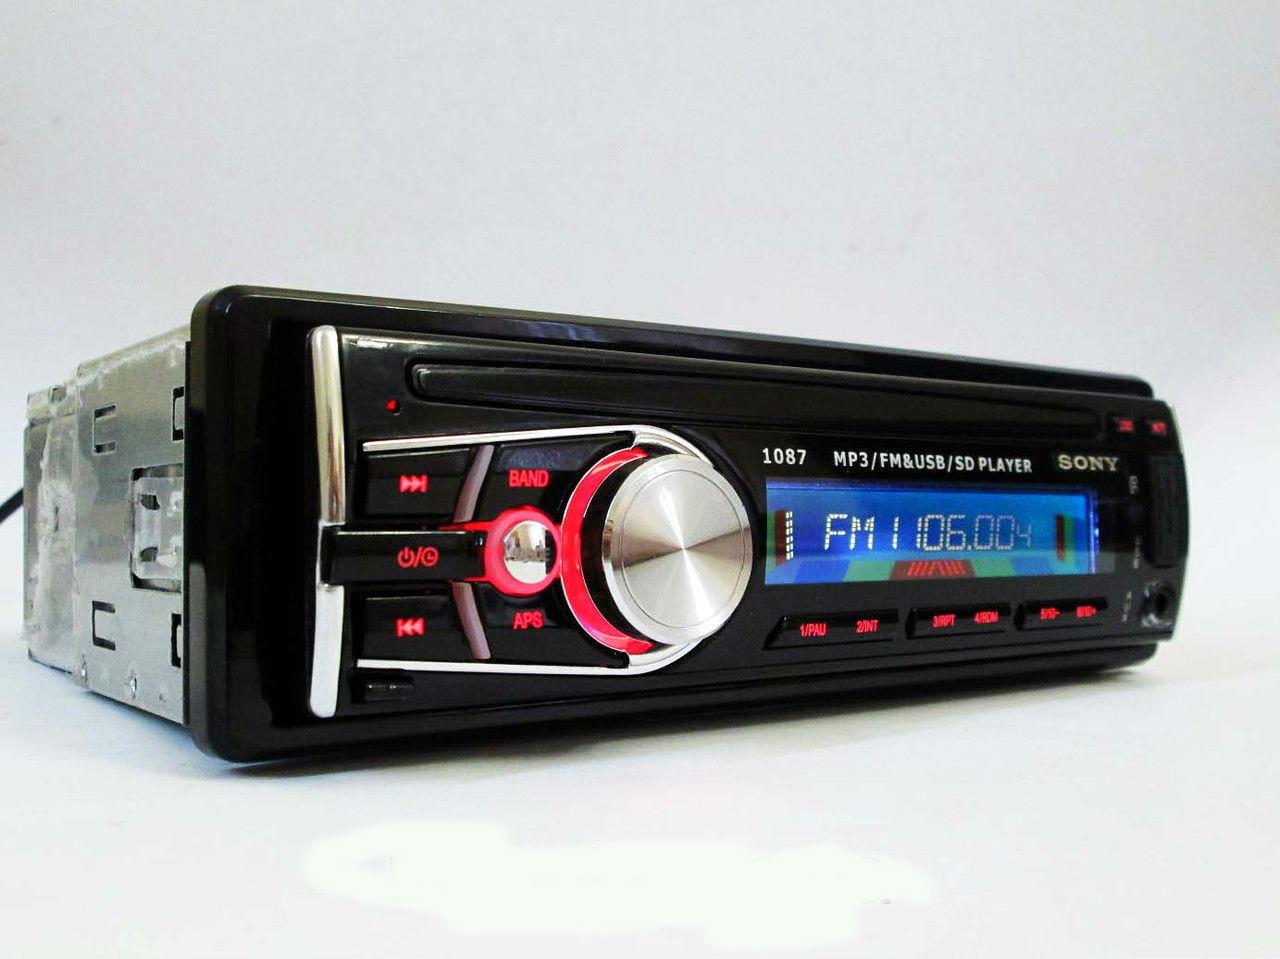 Магнитола в автомобиль Sony 1087 + многофункциональный пульт автомагнитола сони с диском